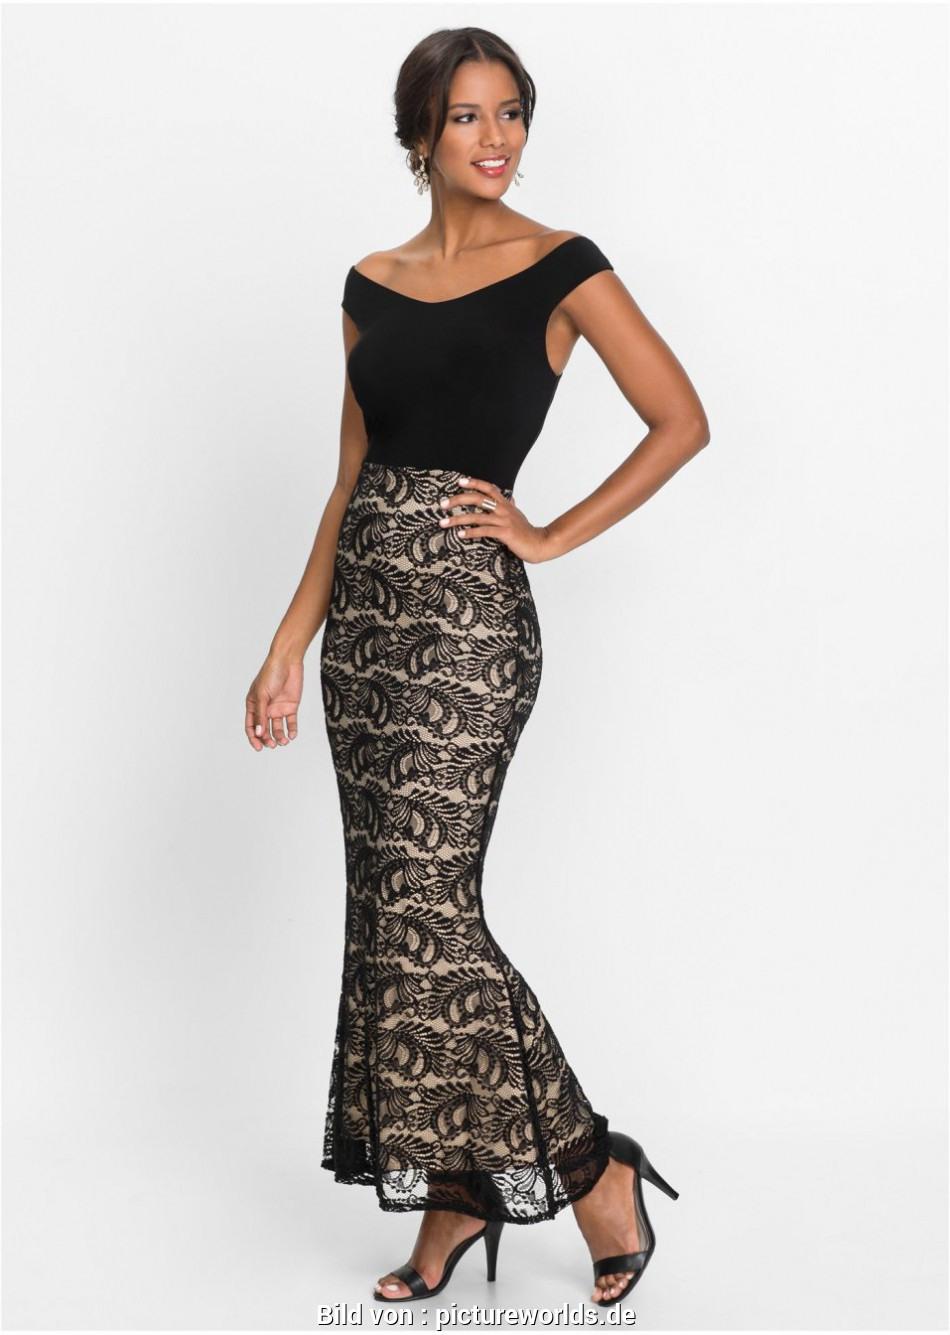 10 Fantastisch Abendkleid Bonprix Ärmel15 Coolste Abendkleid Bonprix Vertrieb